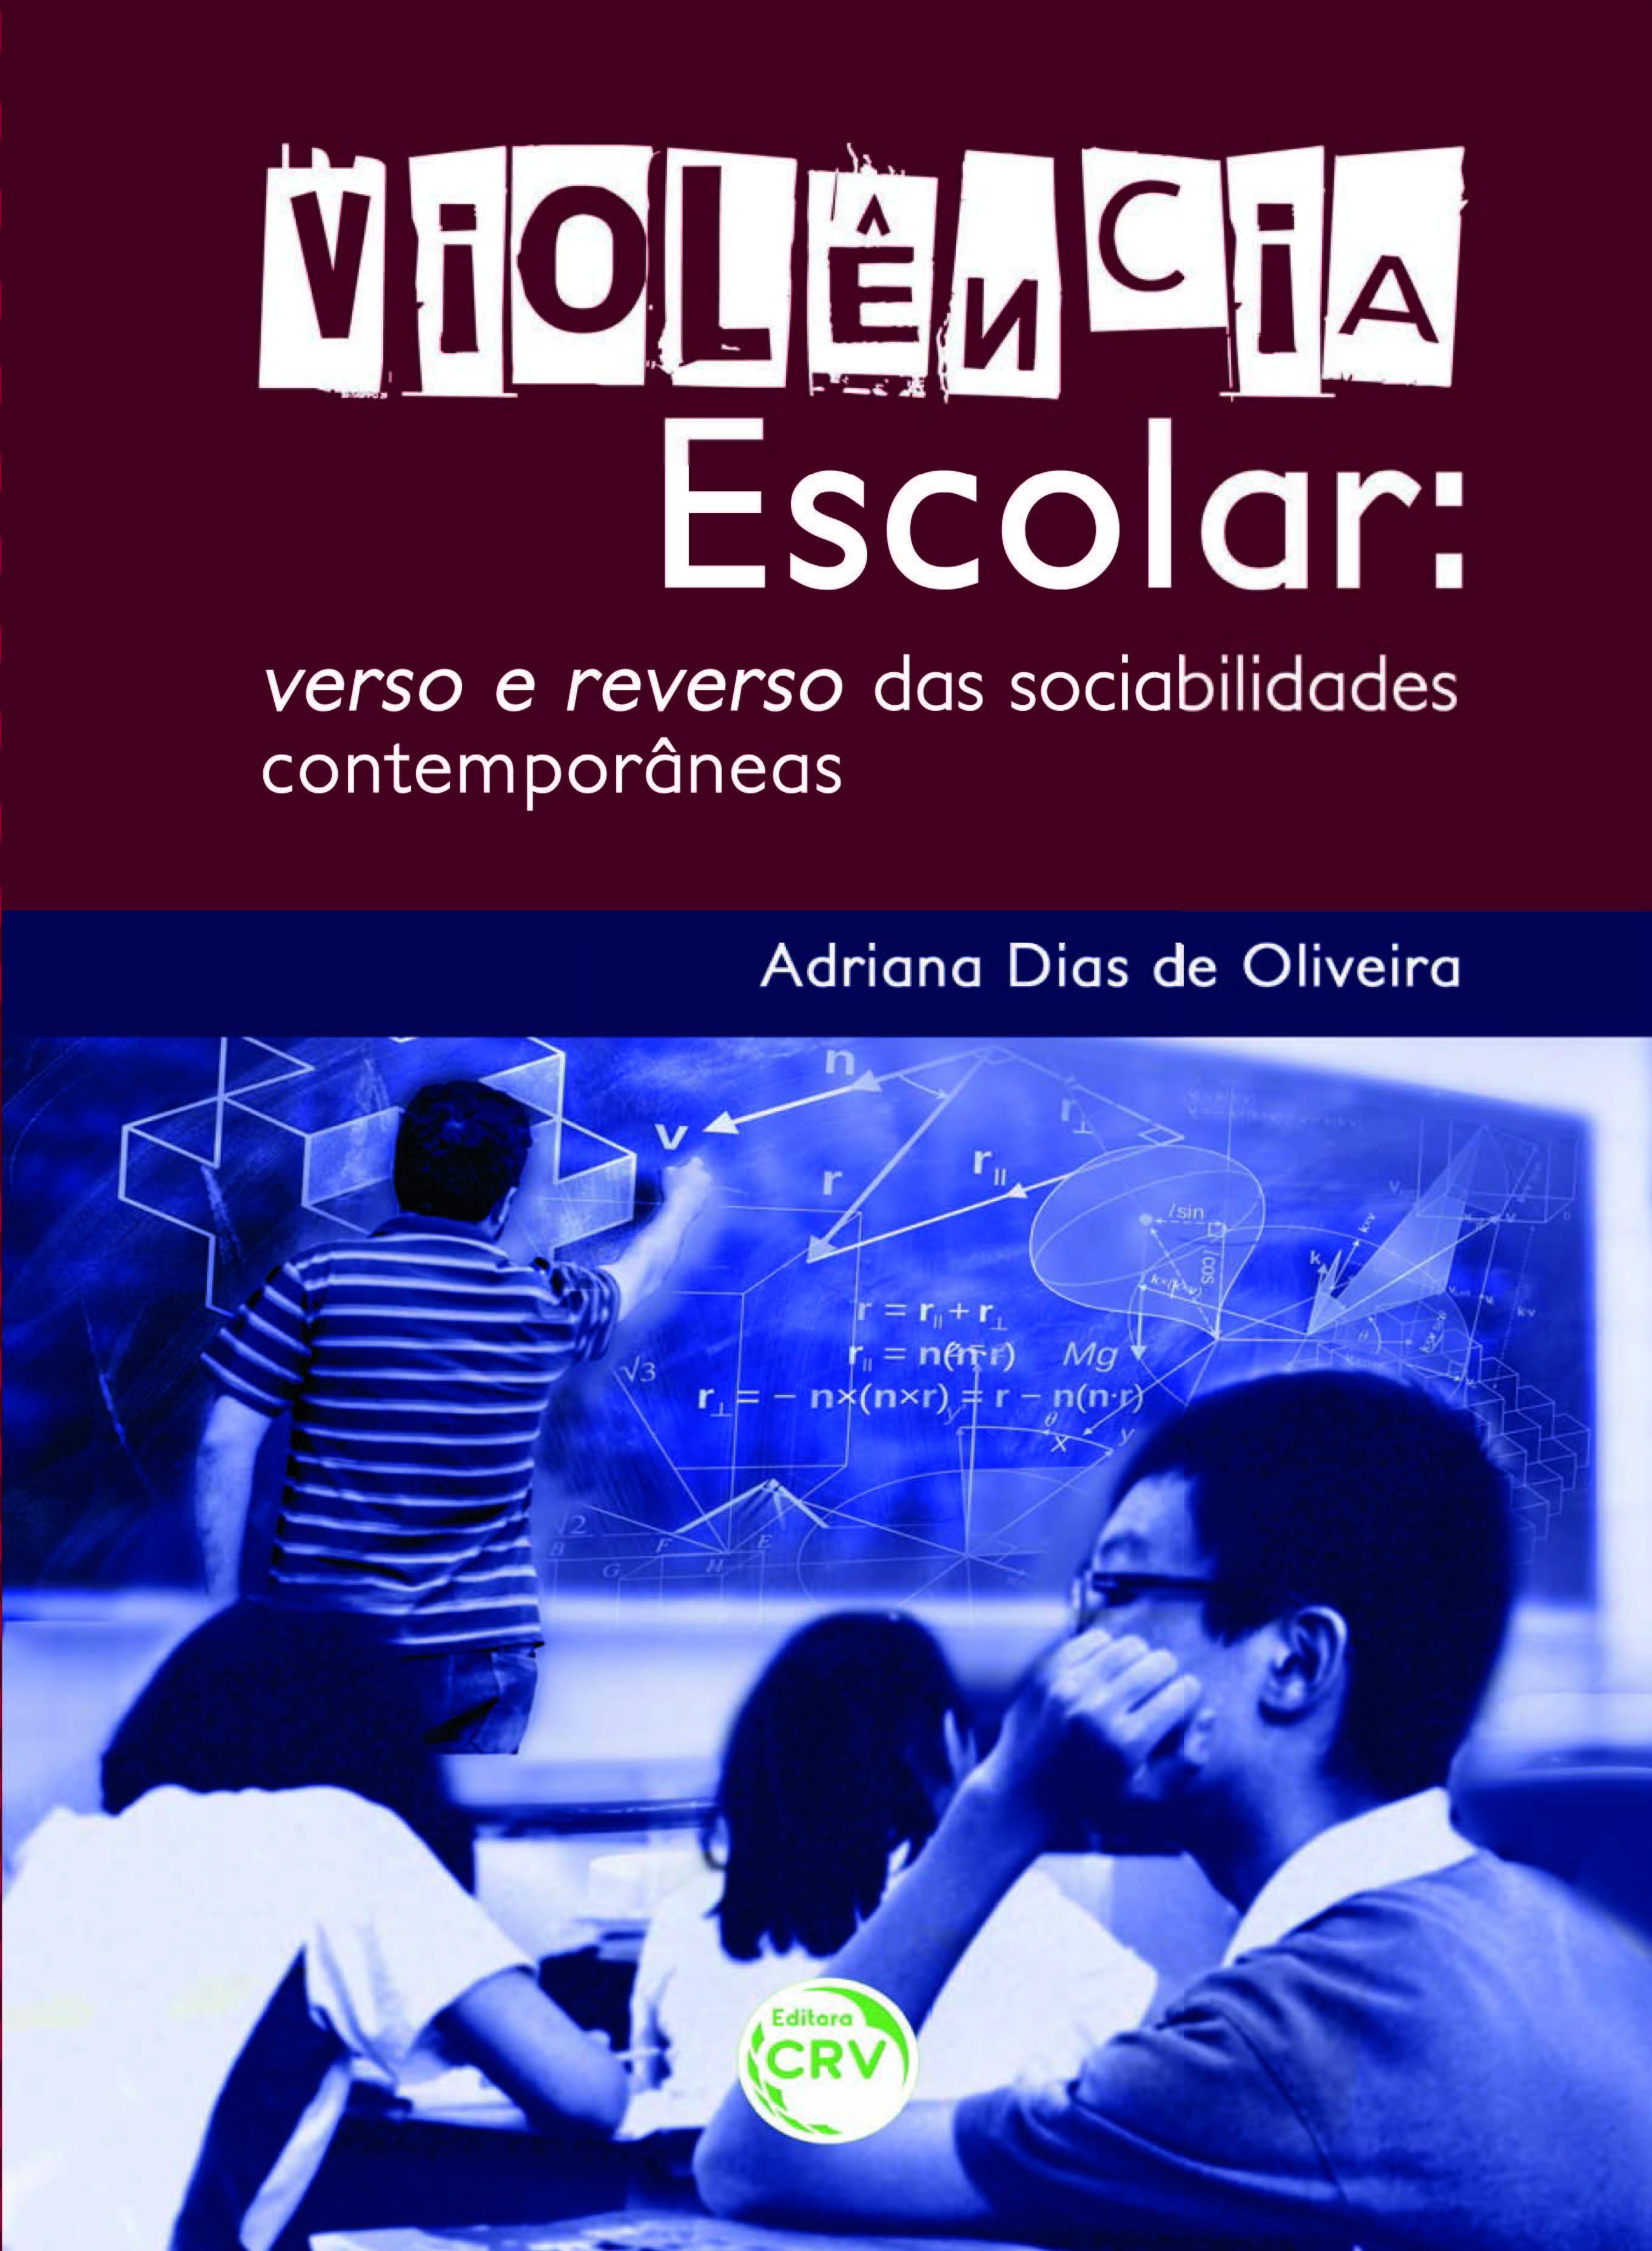 Capa do livro: VIOLÊNCIA ESCOLAR:<br> verso e reverso das sociabilidades contemporâneas